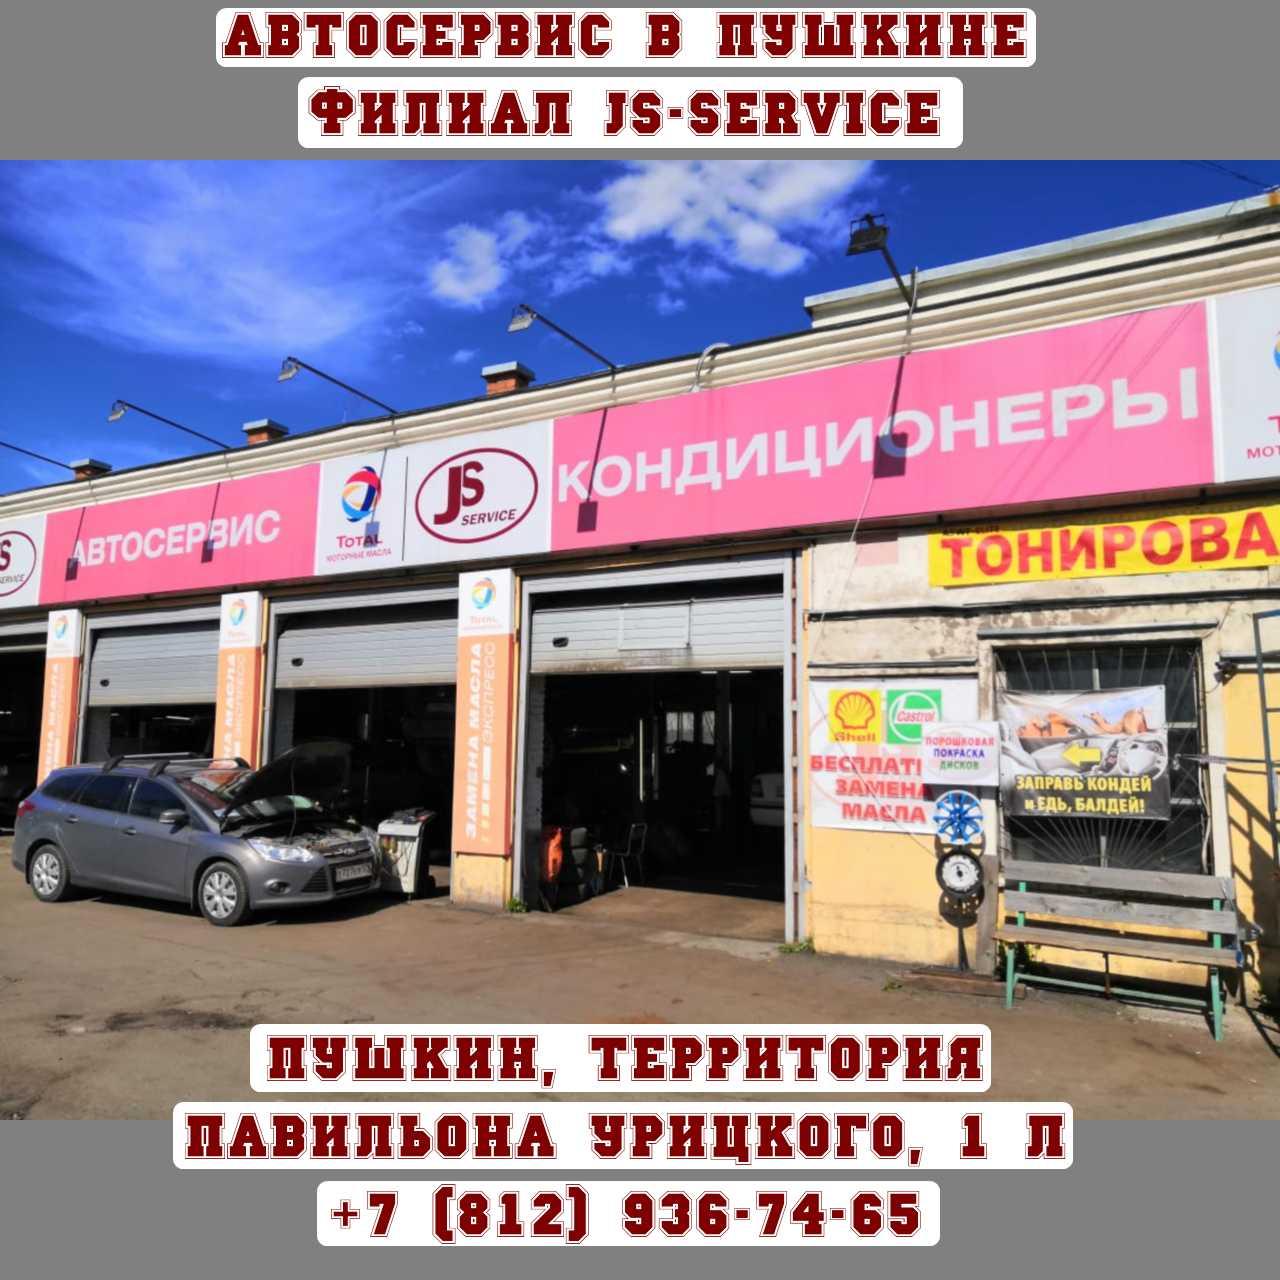 Автосервис JS-SERVICE в г. Пушкин, территория Павильон Урицкого, 1Л.